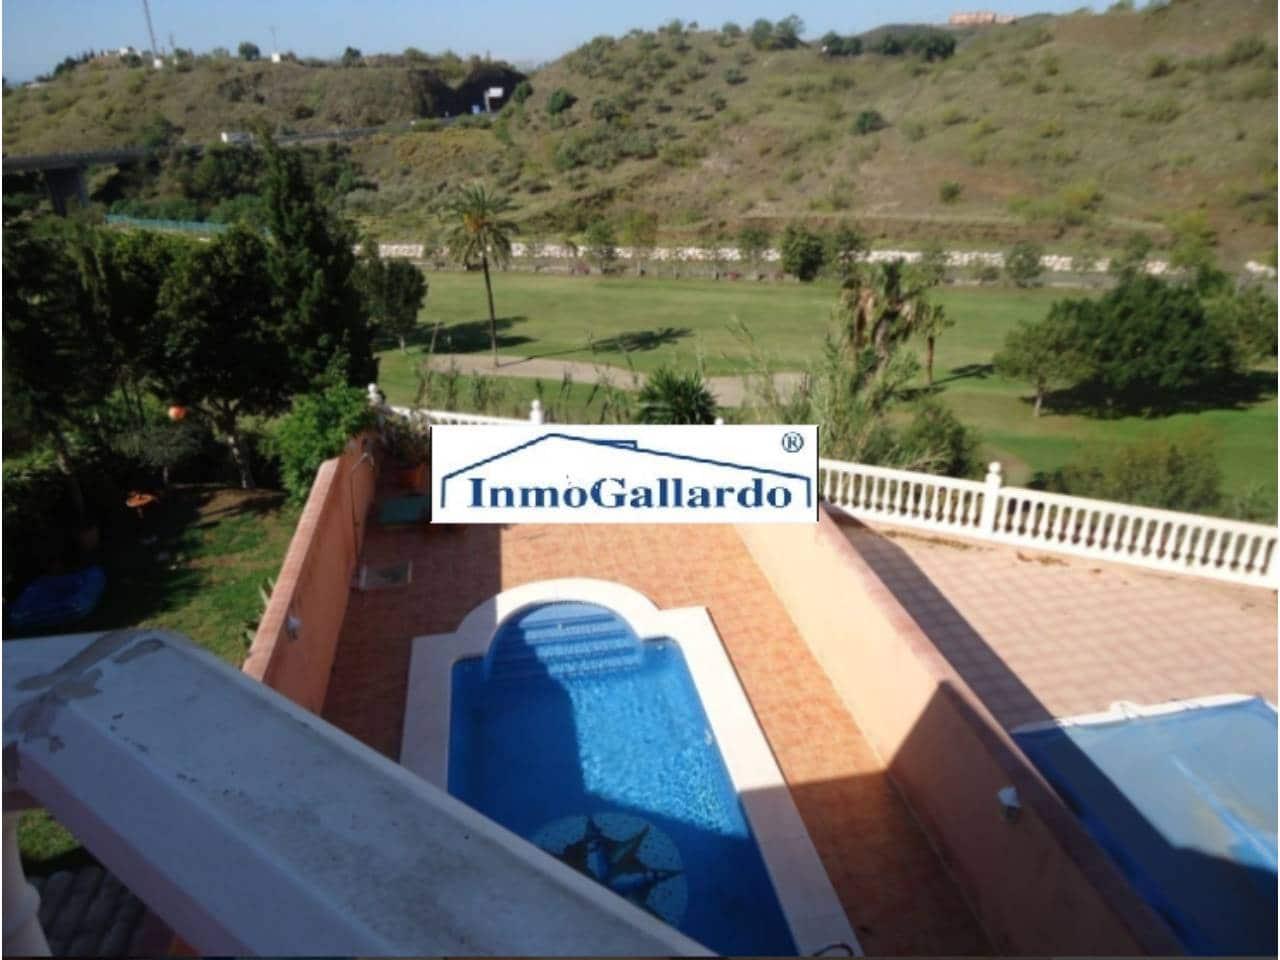 Adosado de 5 habitaciones en Rincón de la Victoria en venta - 392.000 € (Ref: 3721019)